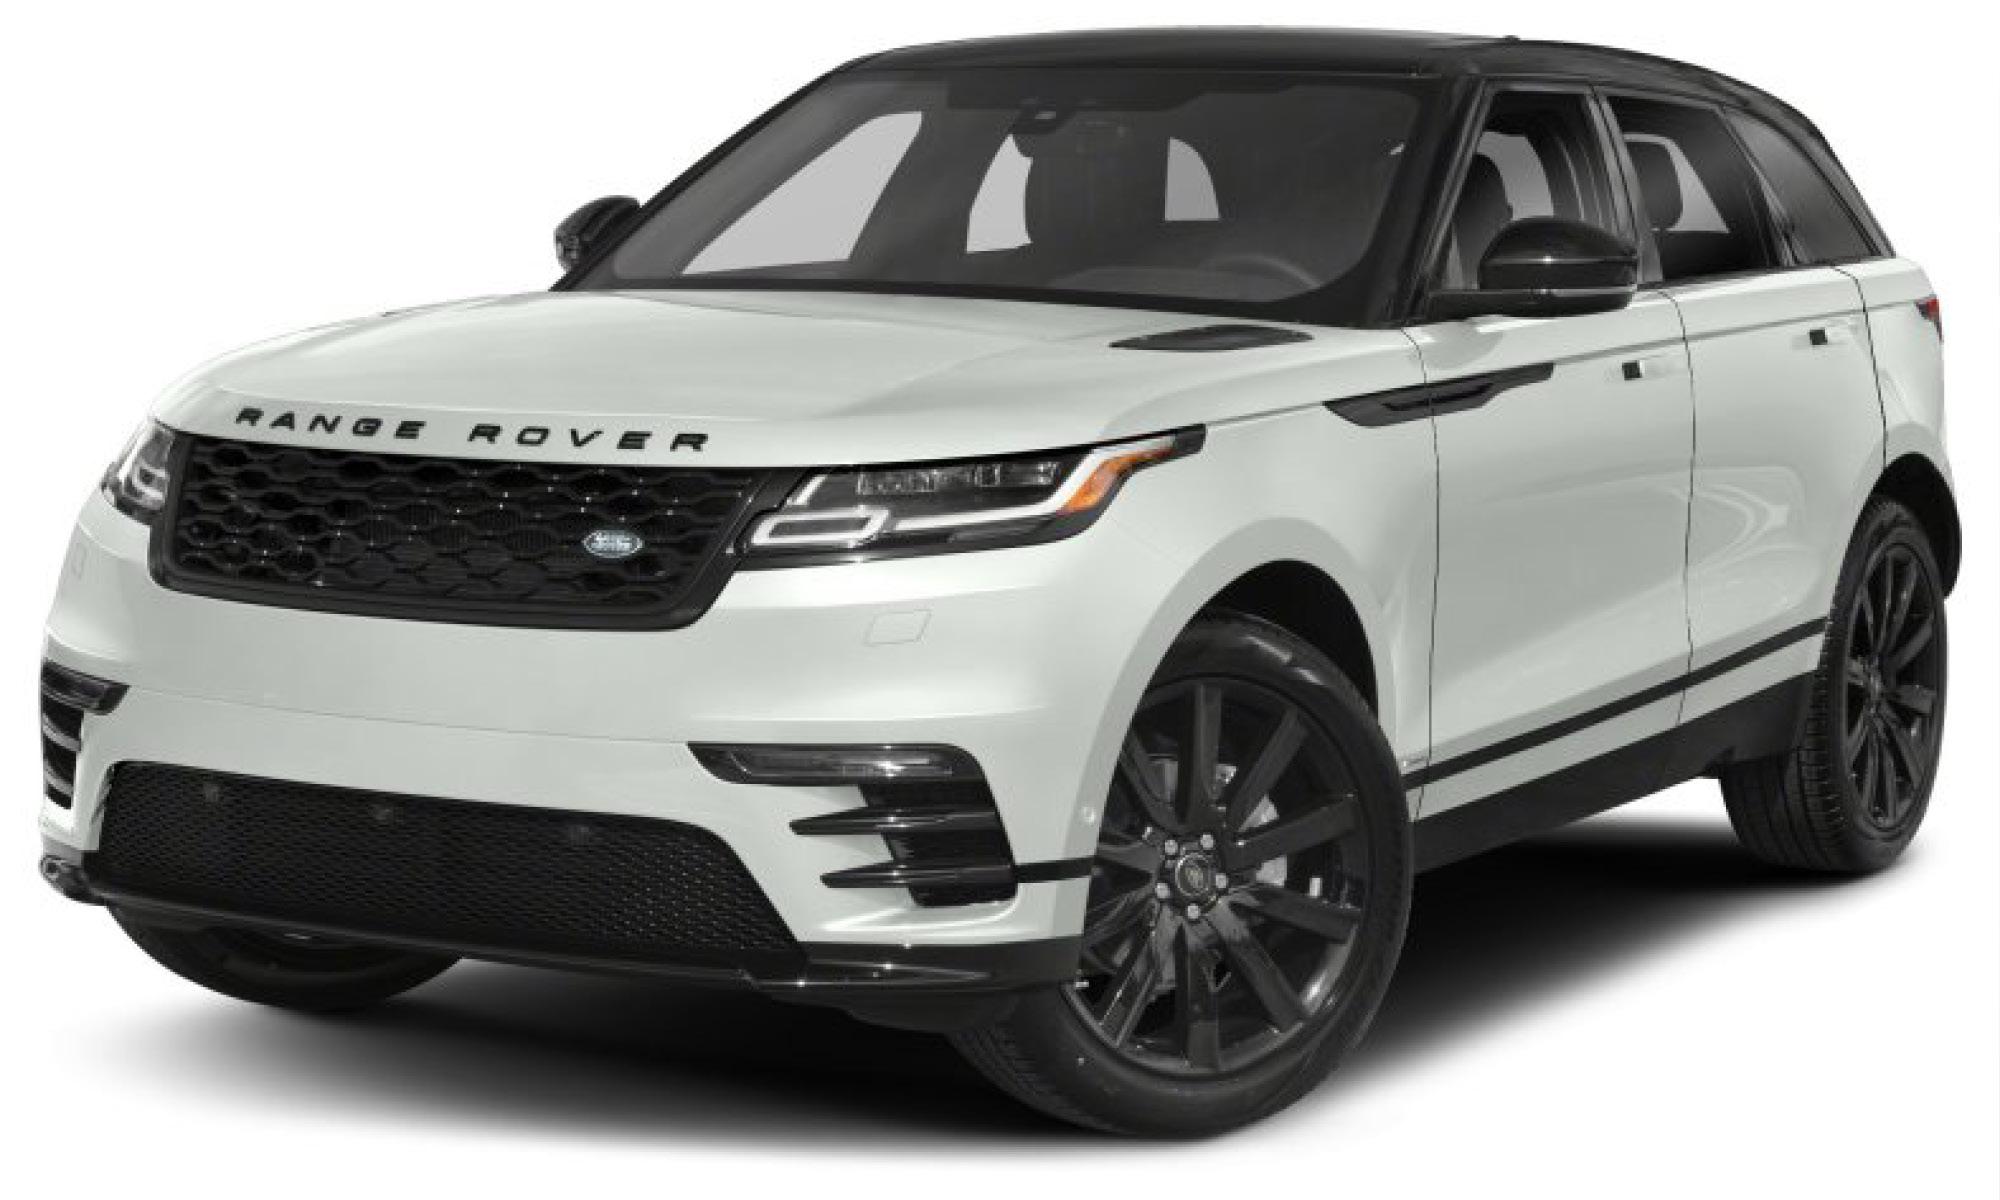 Land Rover loses Range Rover lemon court battle